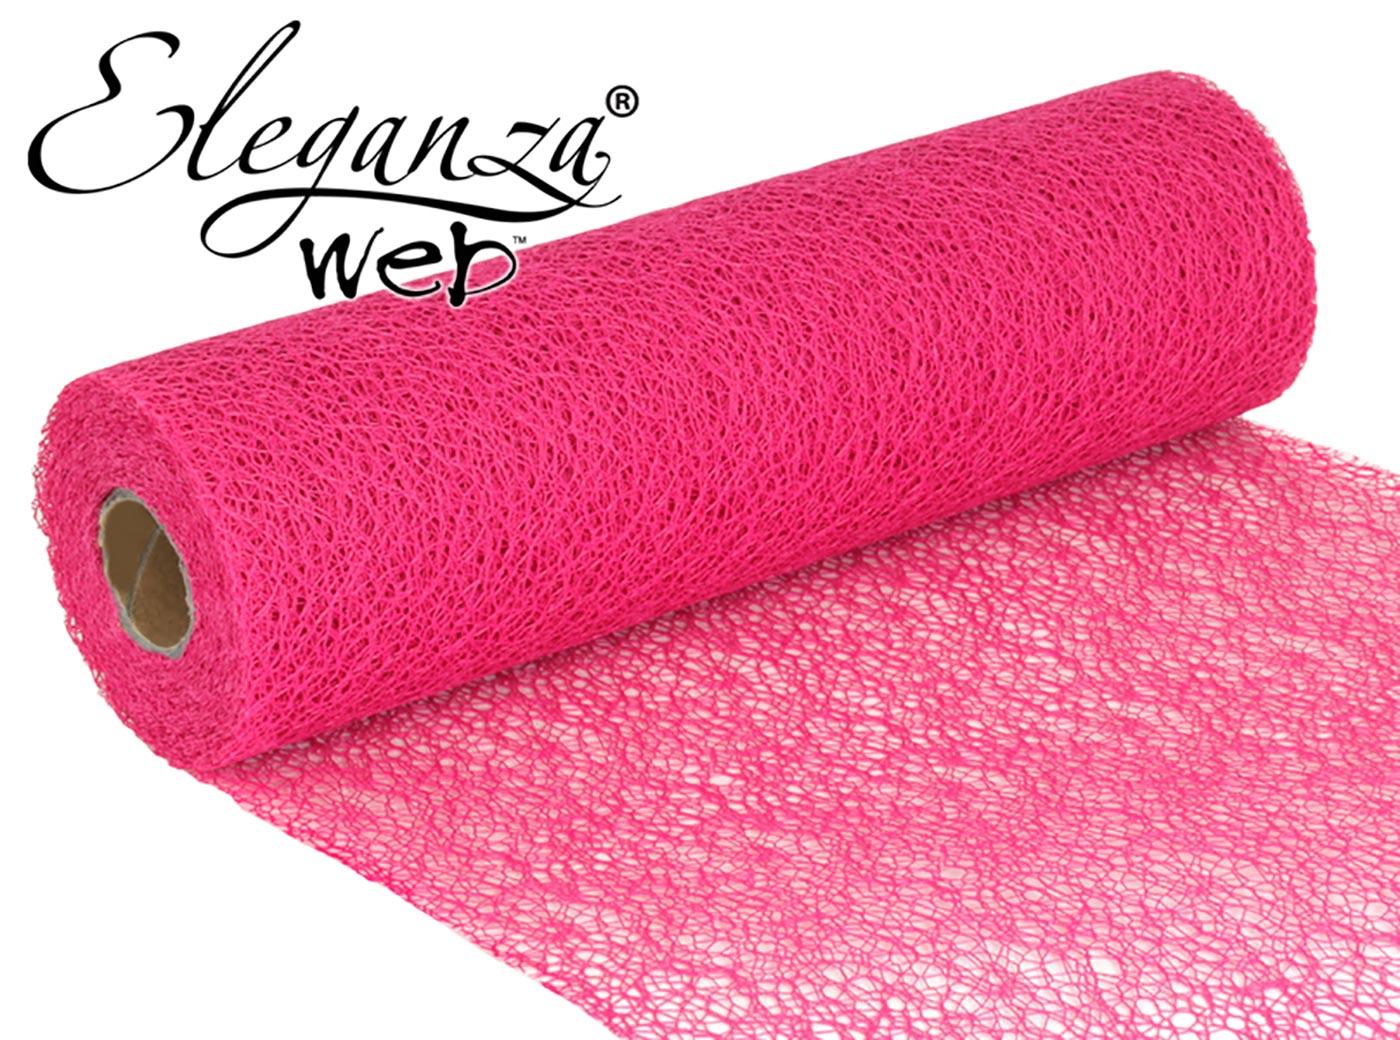 Eleganza Web Fabric roll 28cm x 10m Fuchsia